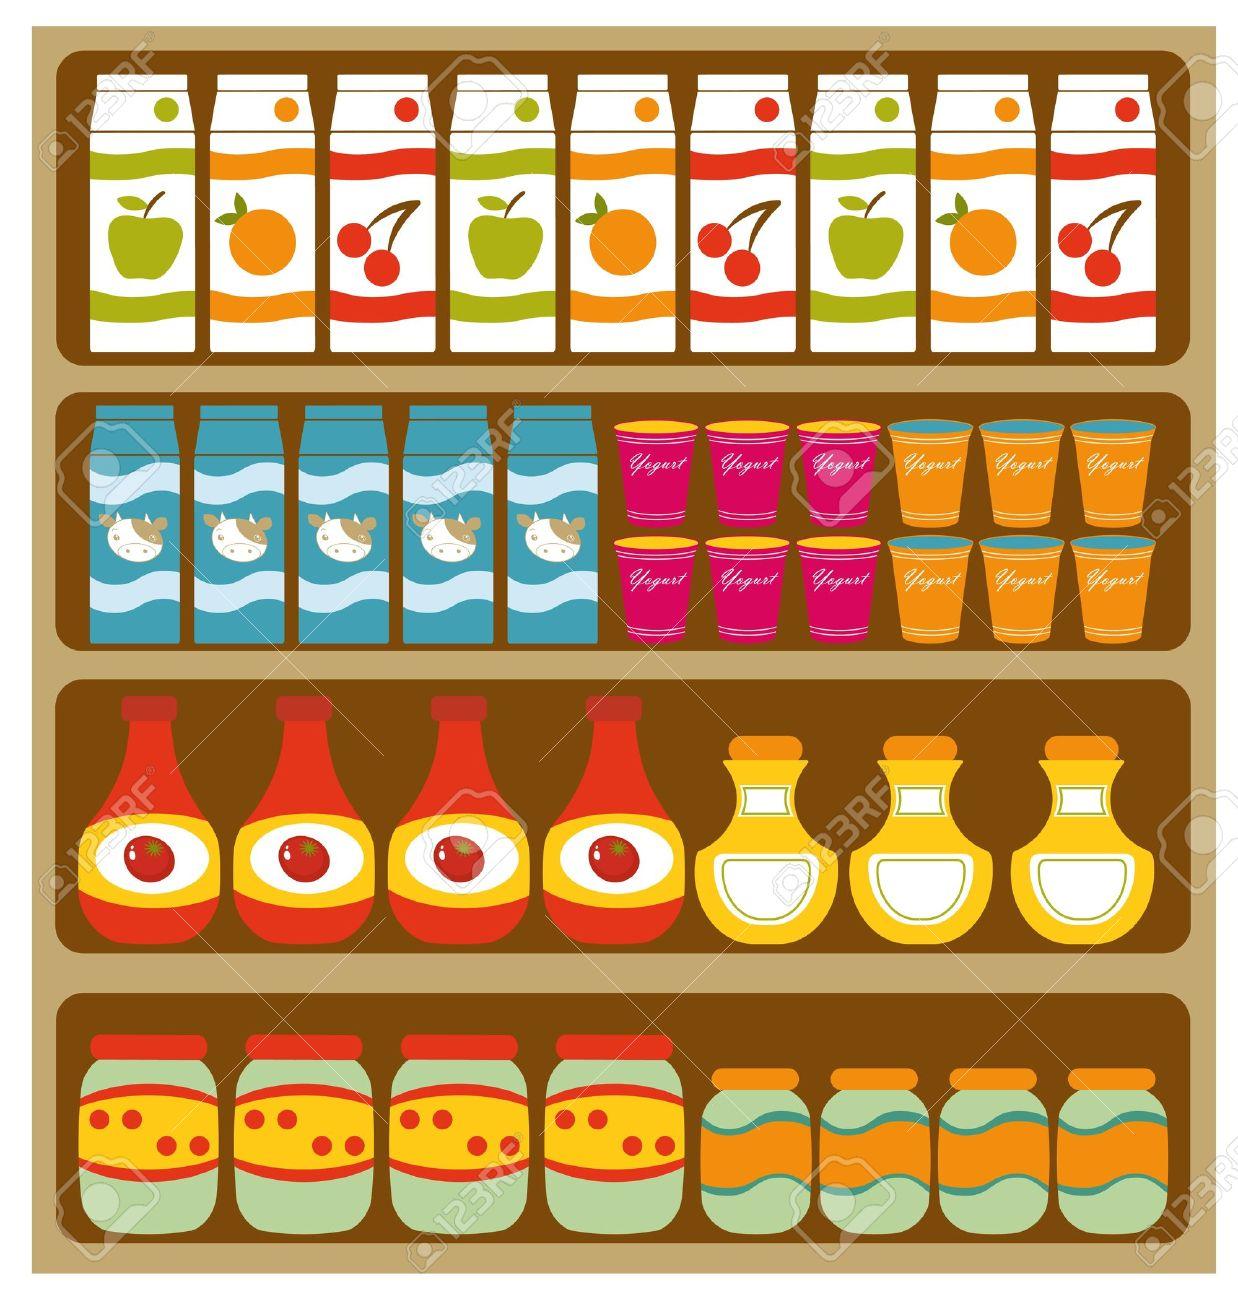 Grocery shelves.